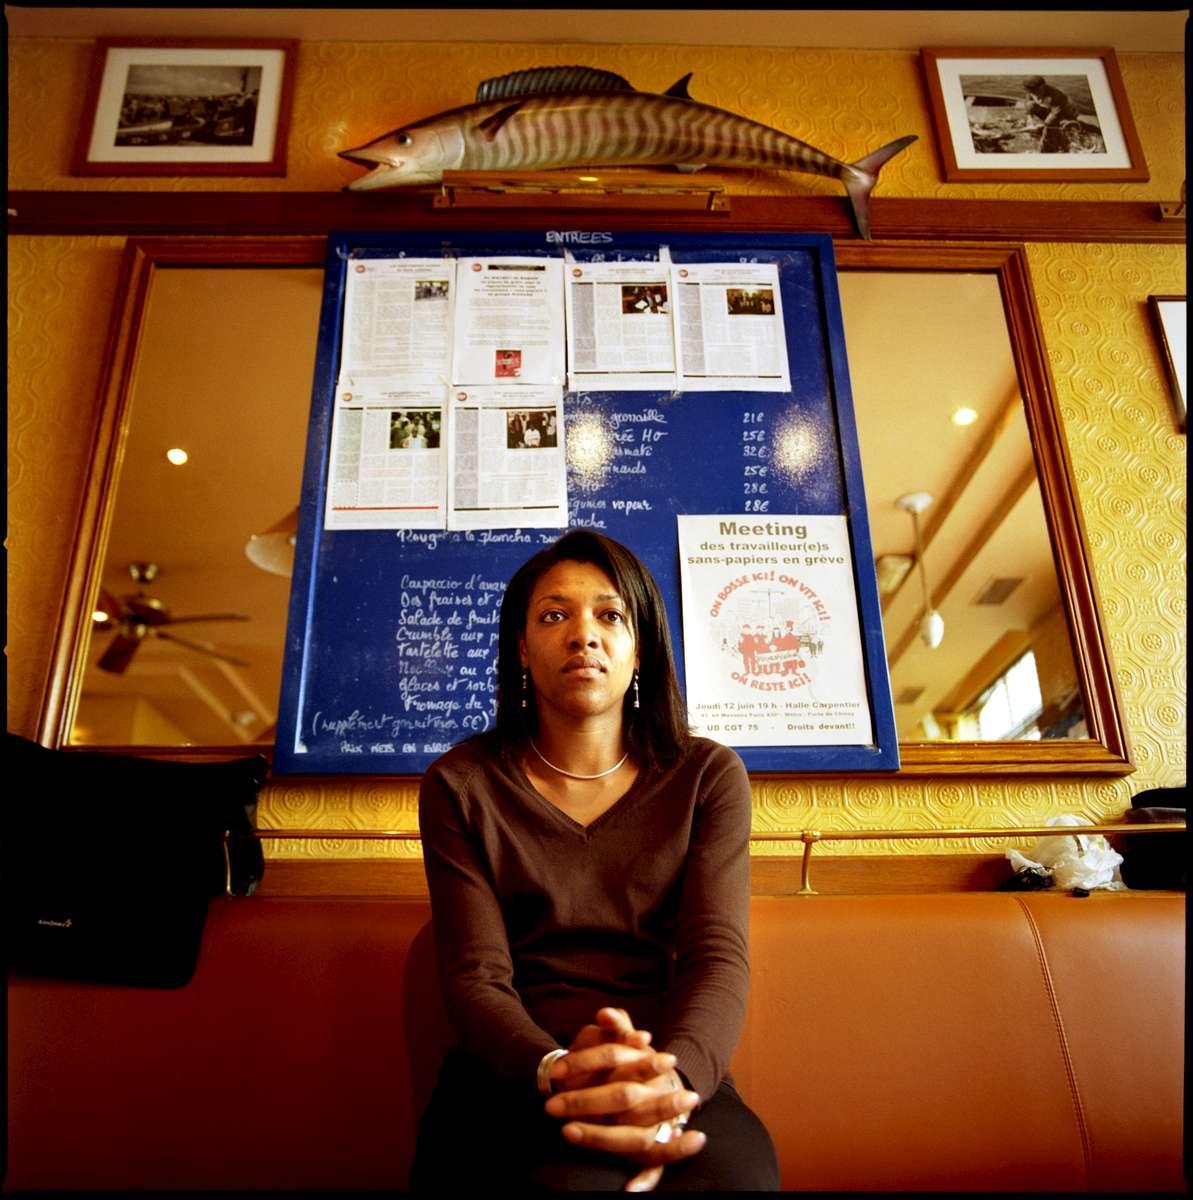 Catherine est Camerounaise mais est née en France. Après quelques années passées ici, ses parents retournent vivre au Cameroun alors qu'elle n'a que douze ans. Elle reviendra en France en 2000. La loi ayant changée entre temps, et n'ayant pas fait de demande avant sa majorité, elle n'a pas la nationalité Française. Née en France, elle est malgré tout sans papiers, en grève avec ses collègues des restaurants Marius et Janette de Paris, et demande sa régularisation.